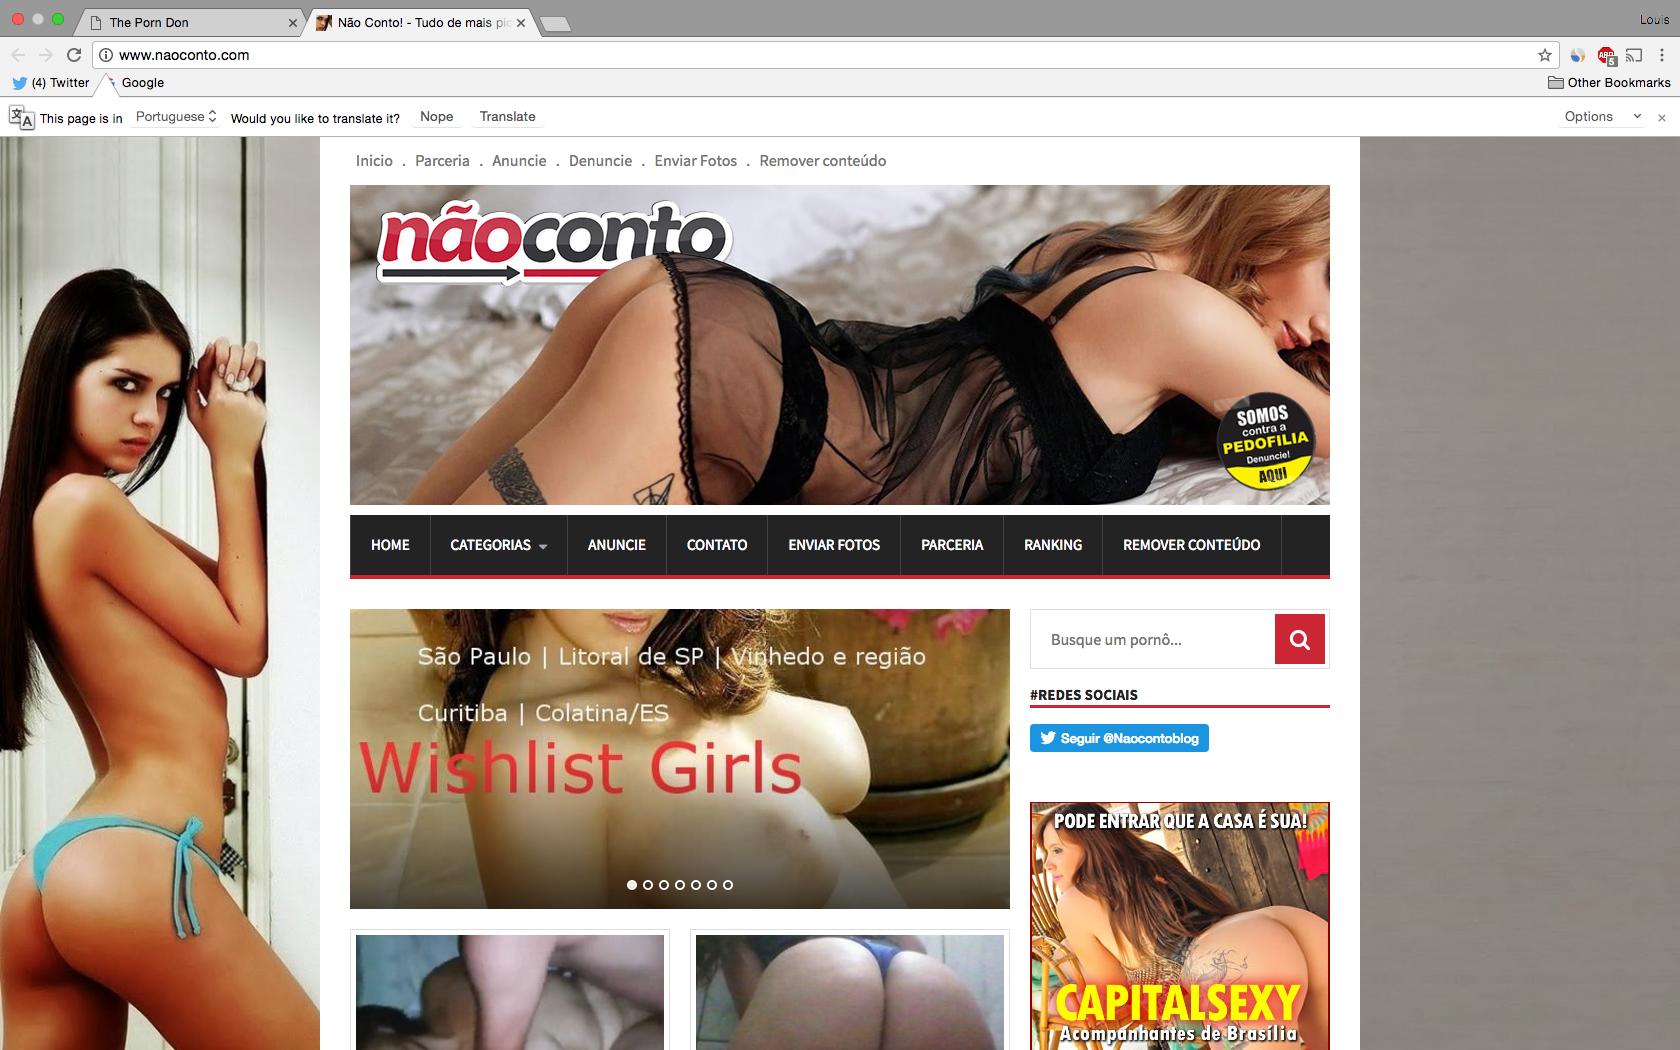 NaoConto